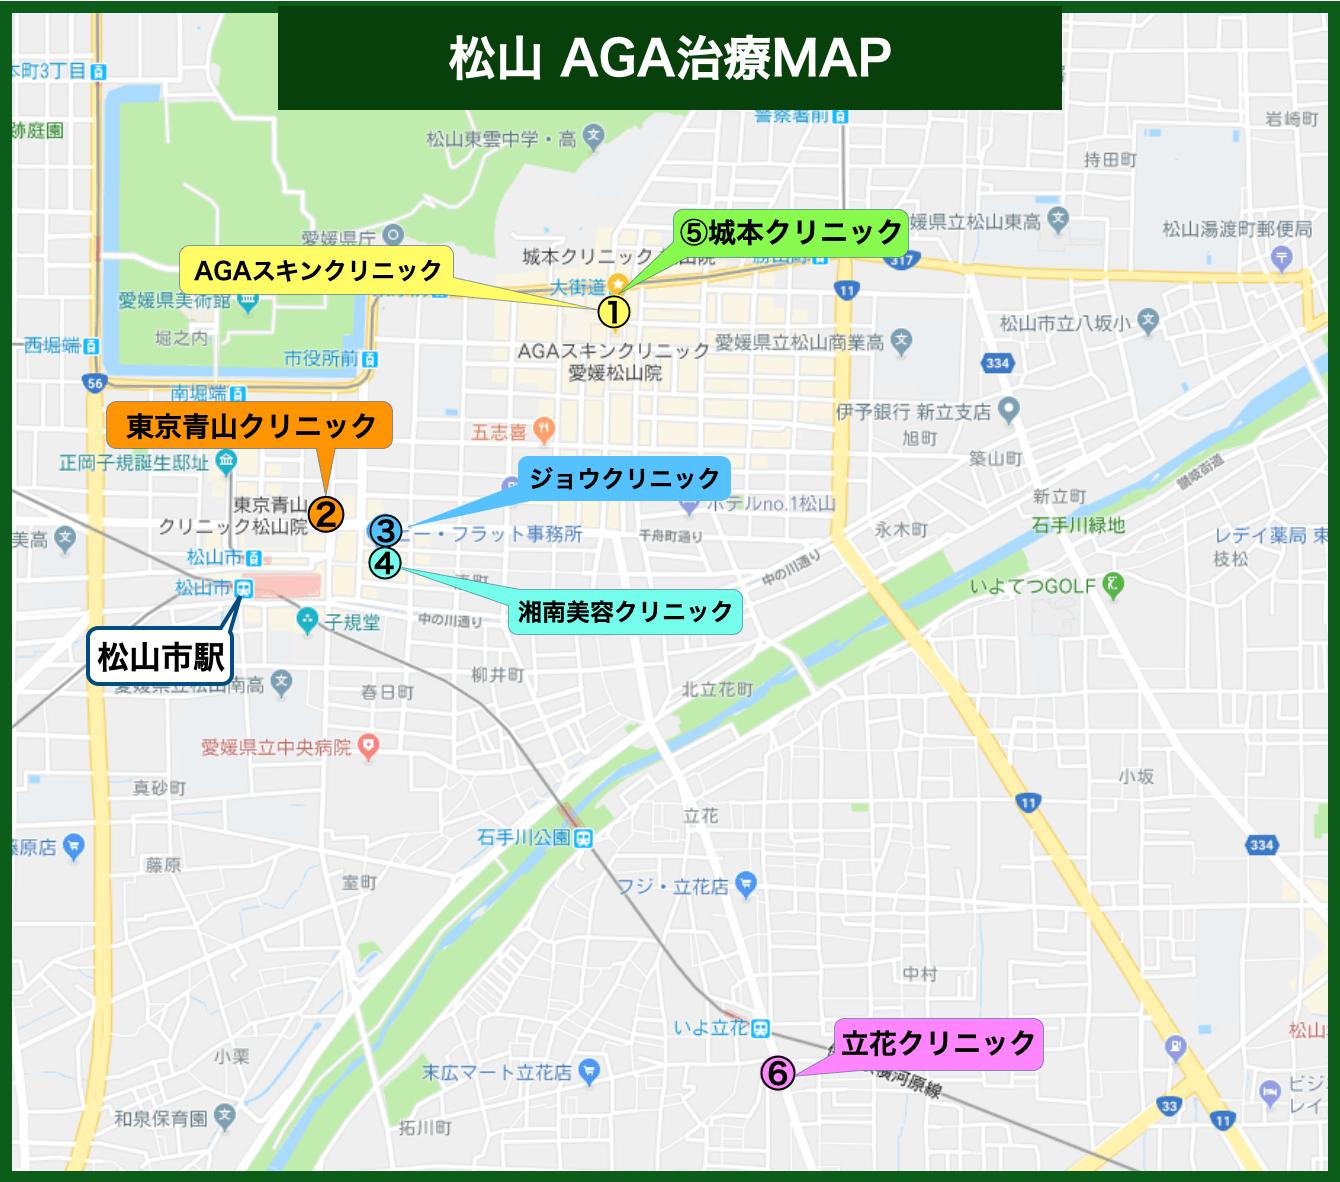 松山 AGA治療MAP